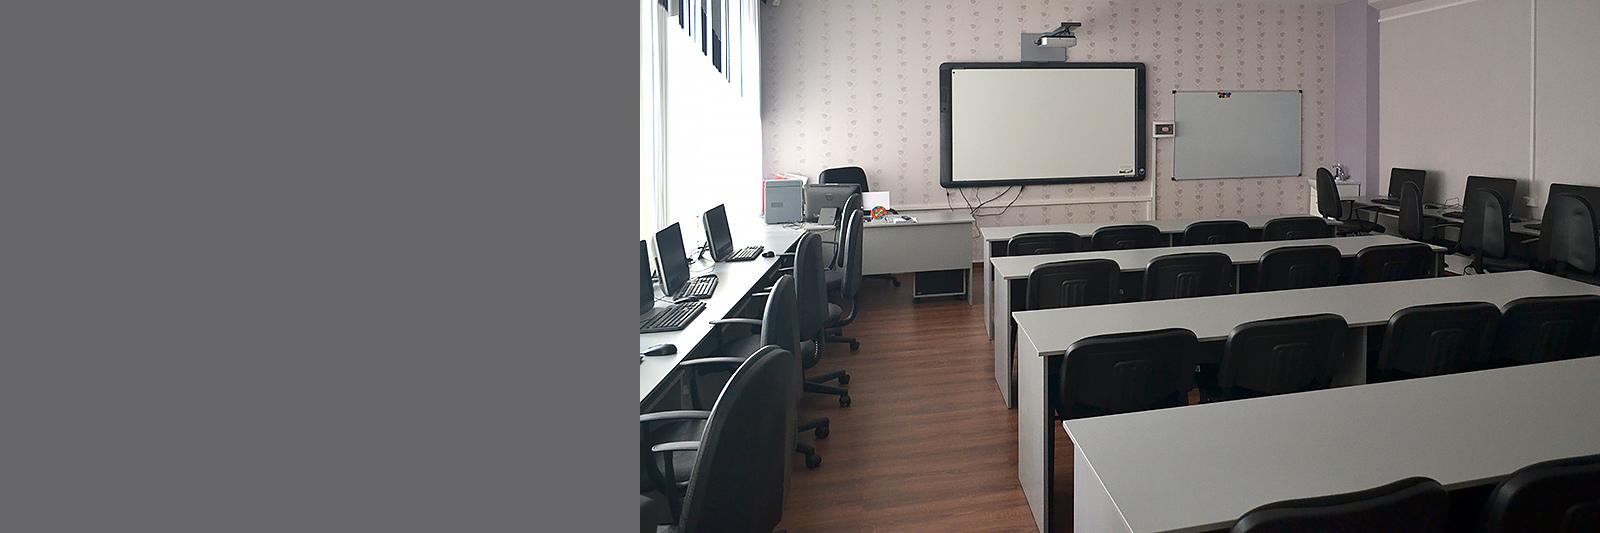 Компьютерный класс на заказ